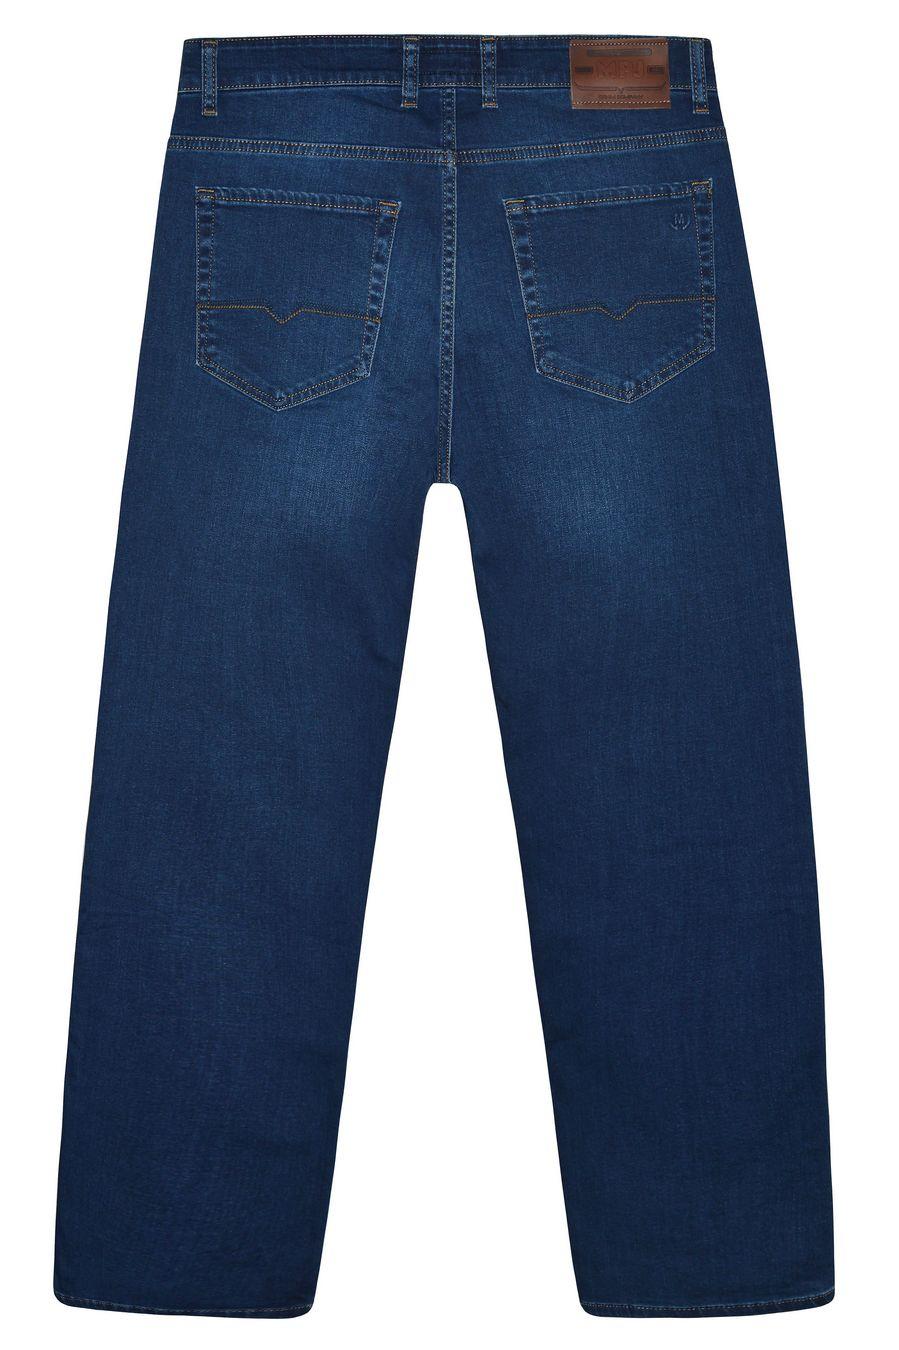 Джинсы мужские MAC Person 2939-12373 Blue Blue L32 - фото 2